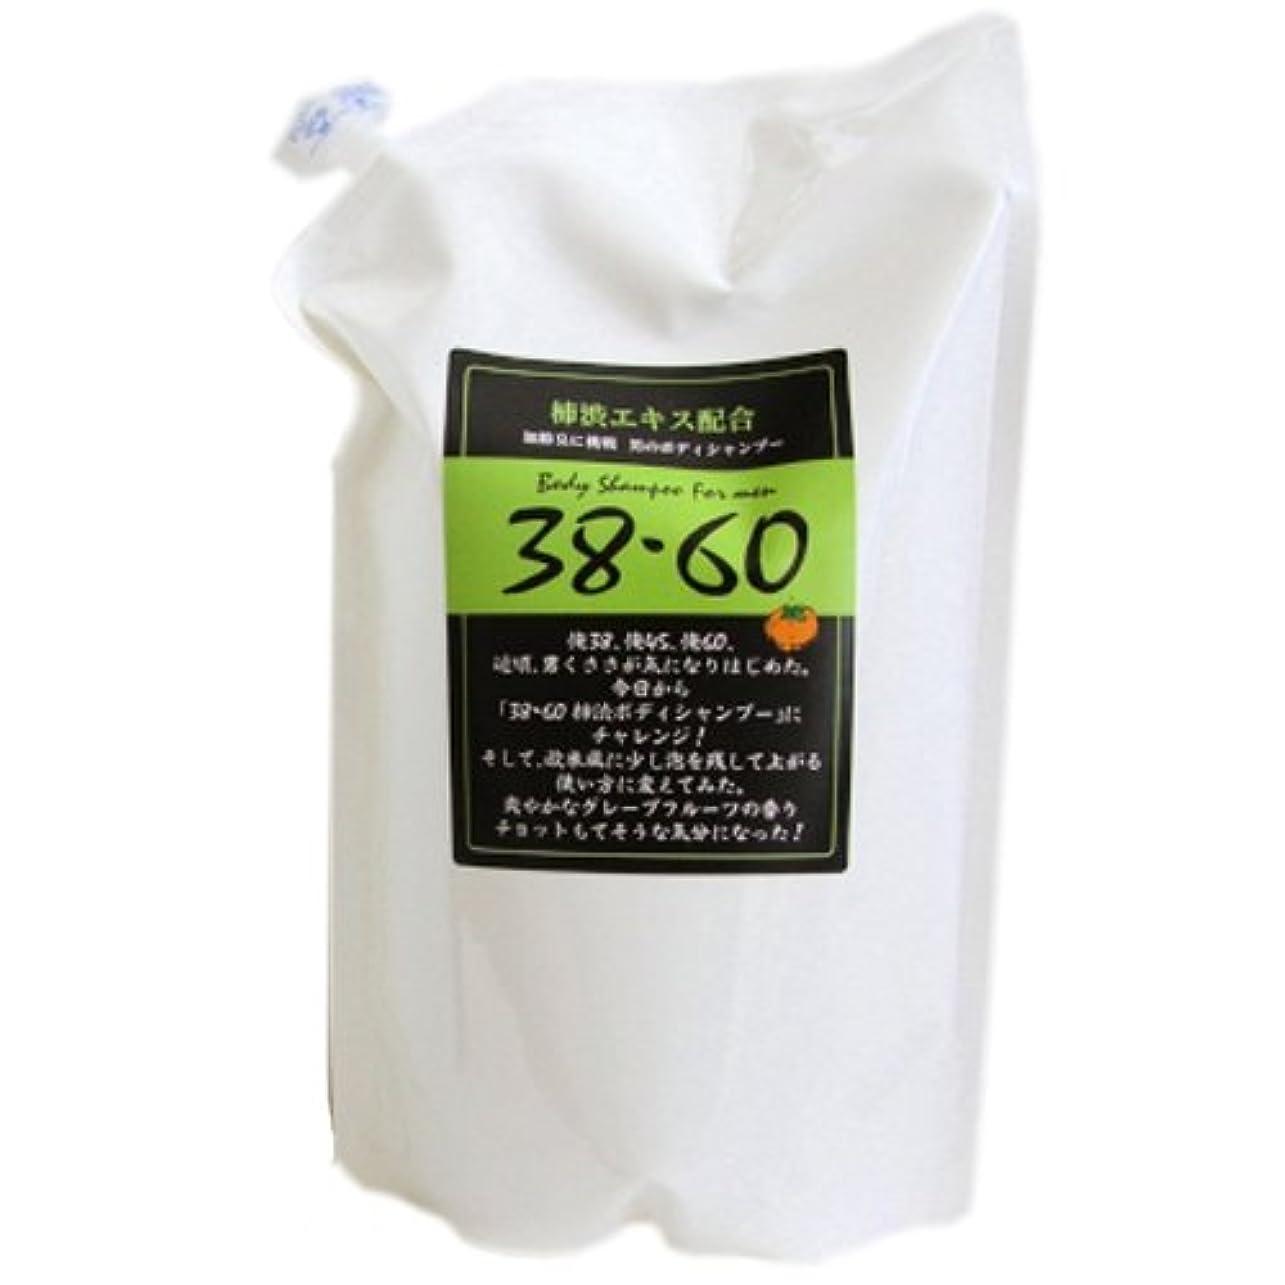 化合物枯れる特に38?60柿渋ボディシャンプー詰替1500ml×2